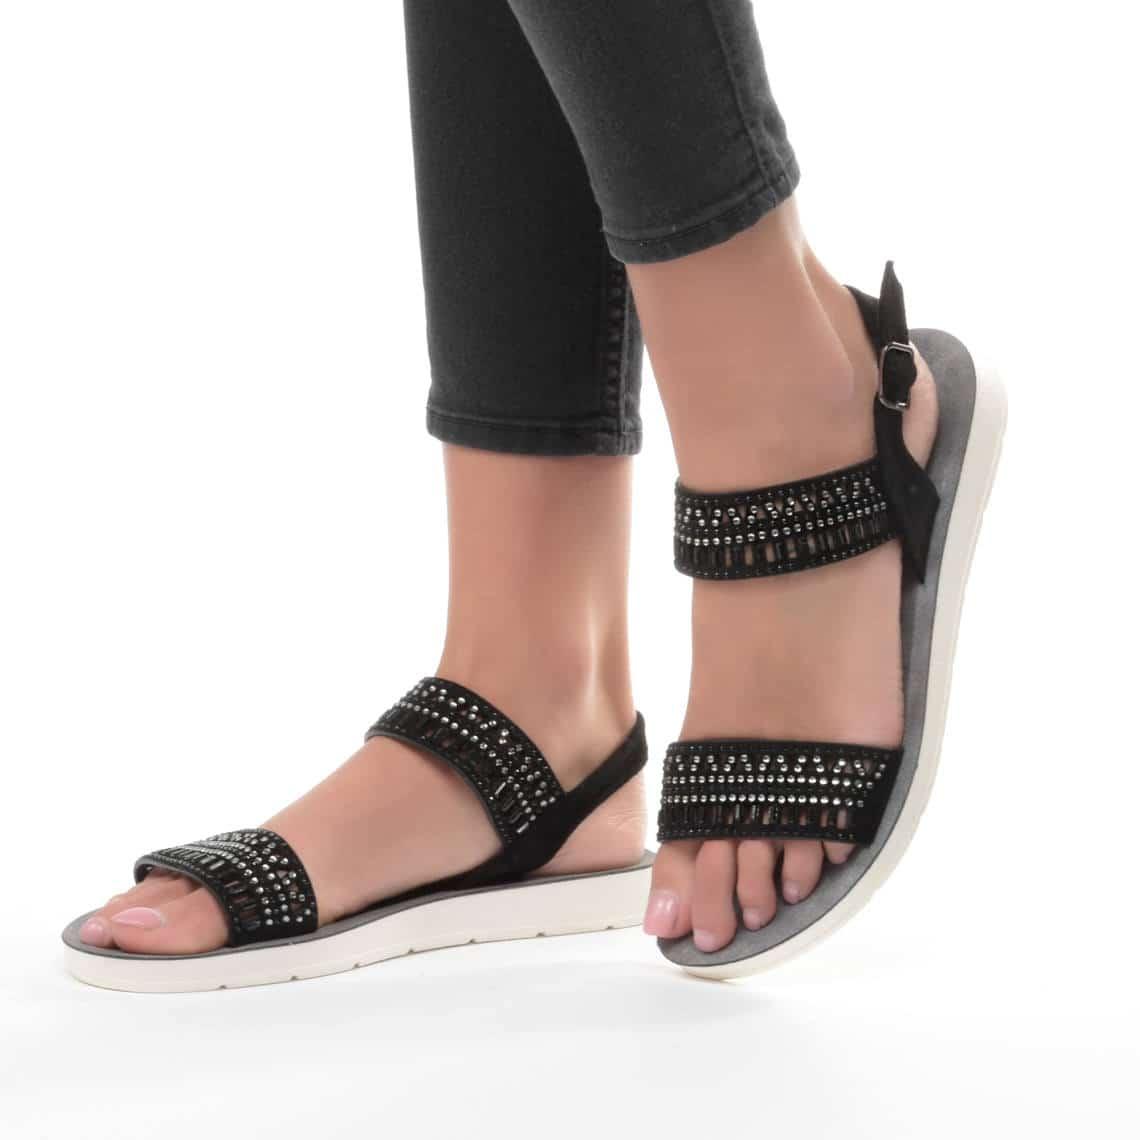 Milyen nyári cipők vannak?